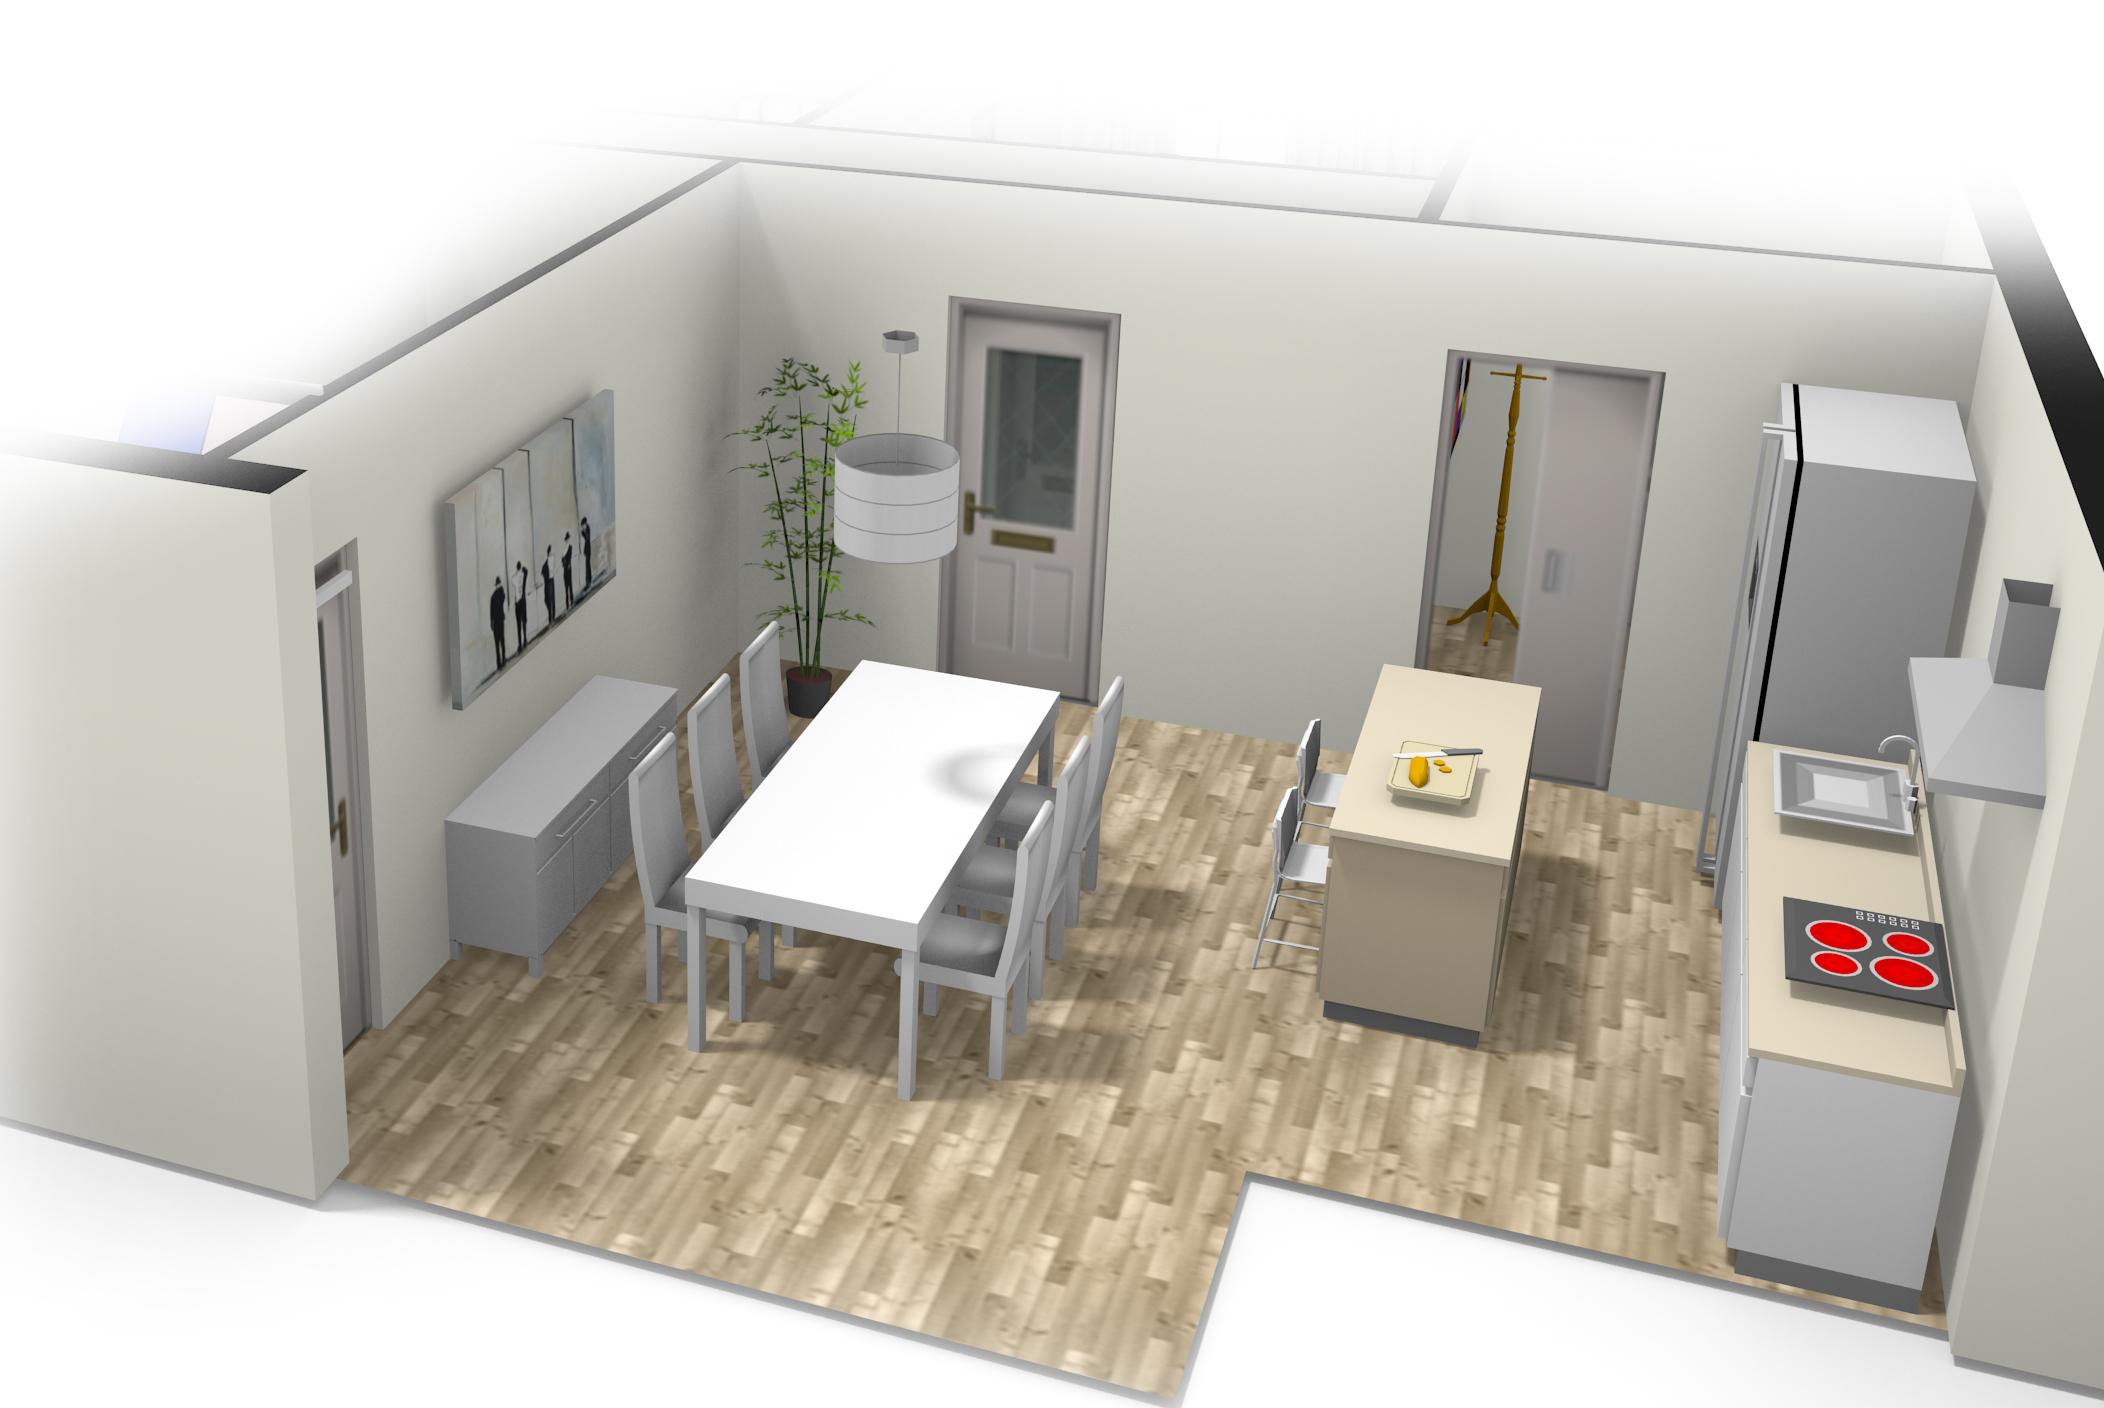 Plano en 3d gallery of plano d isomtrico resumen de casa for Oficina veterinaria virtual